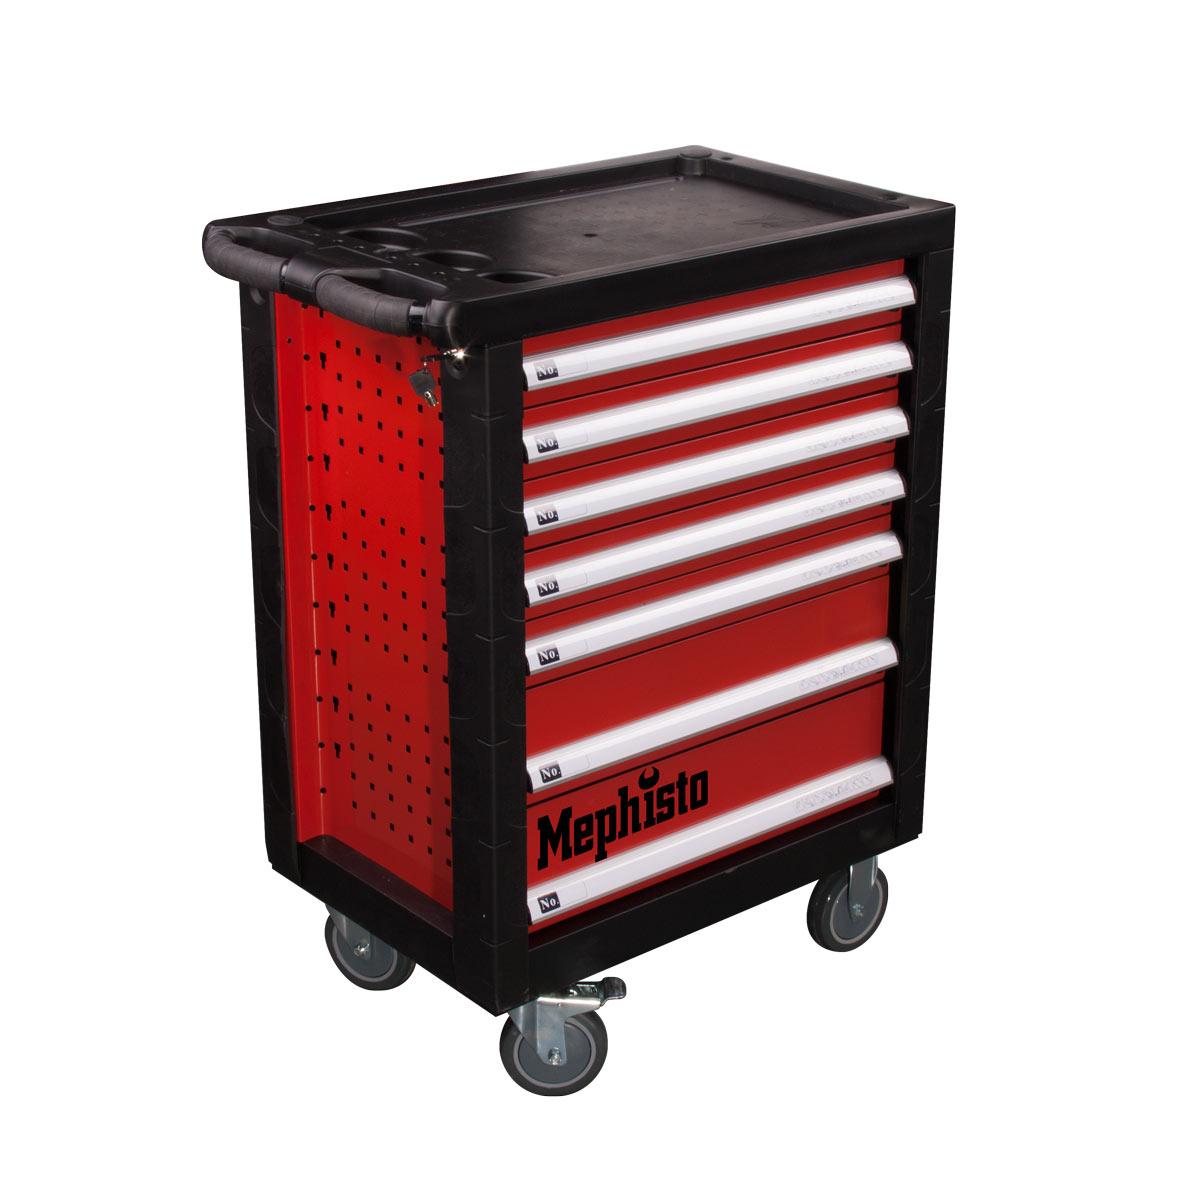 werkzeugwagen mit 7 schubladen 4 mit werkzeug gef llt haus und garten mephisto werkzeug. Black Bedroom Furniture Sets. Home Design Ideas